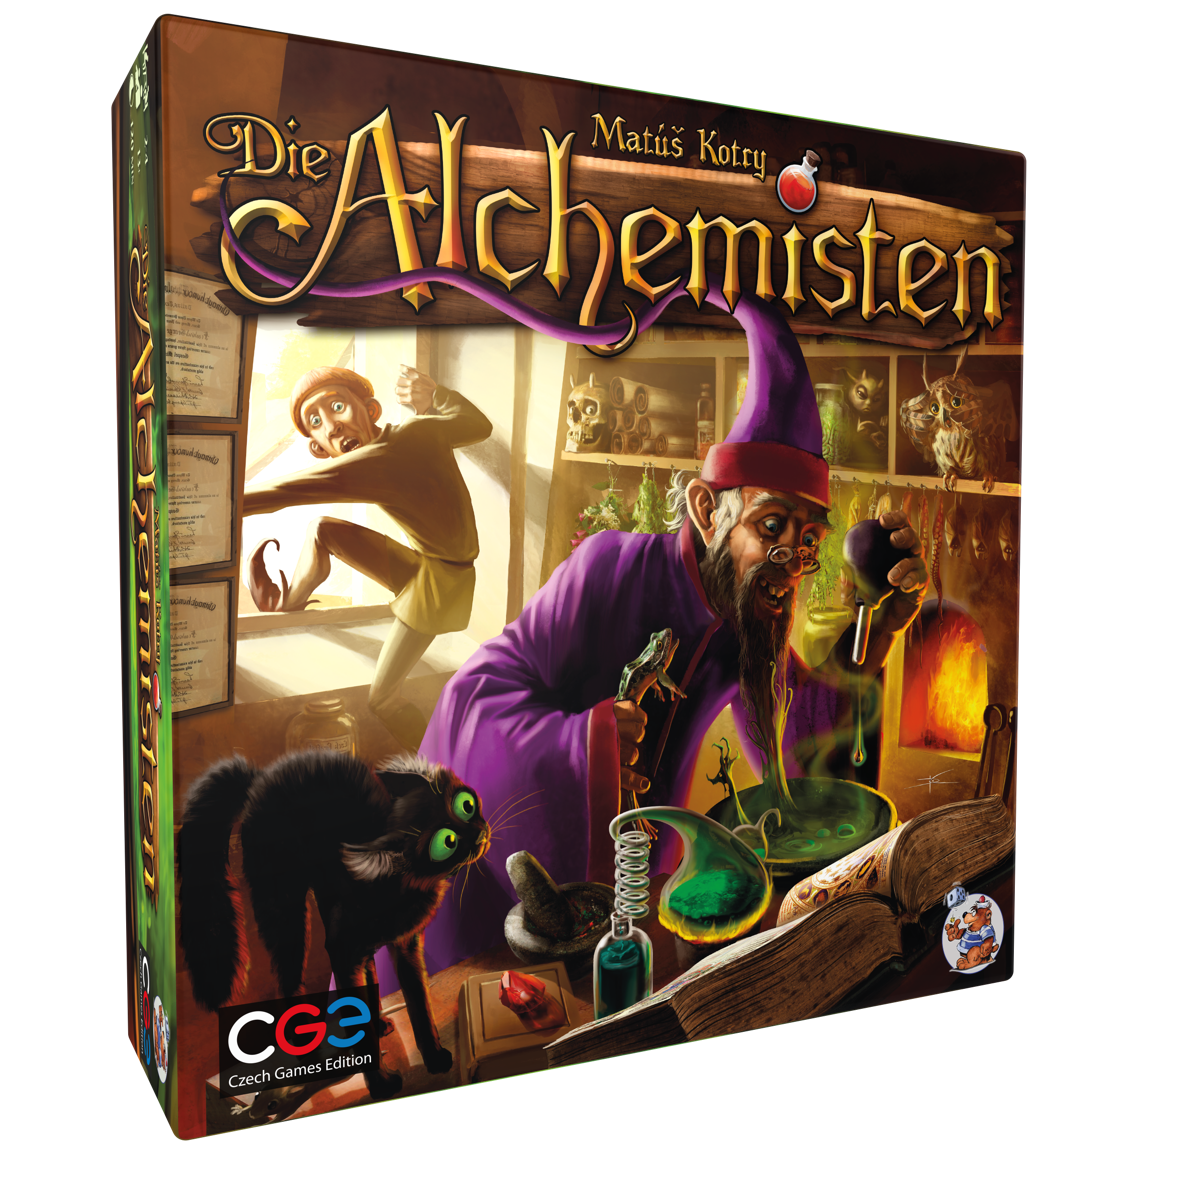 Alchemisten Spiel